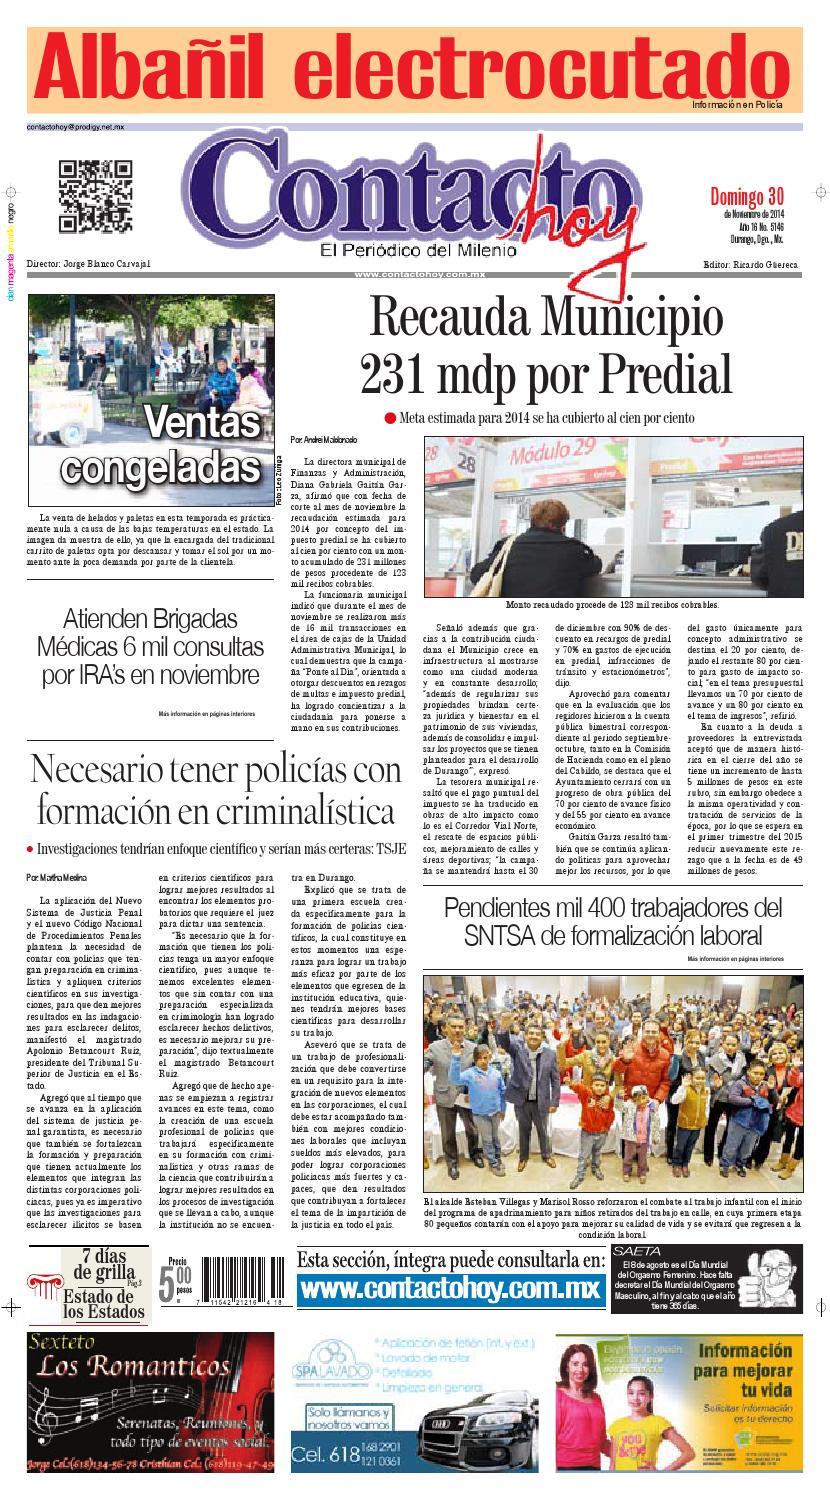 Contacto hoy del 30 de noviembre del 2014 by Contacto hoy - issuu